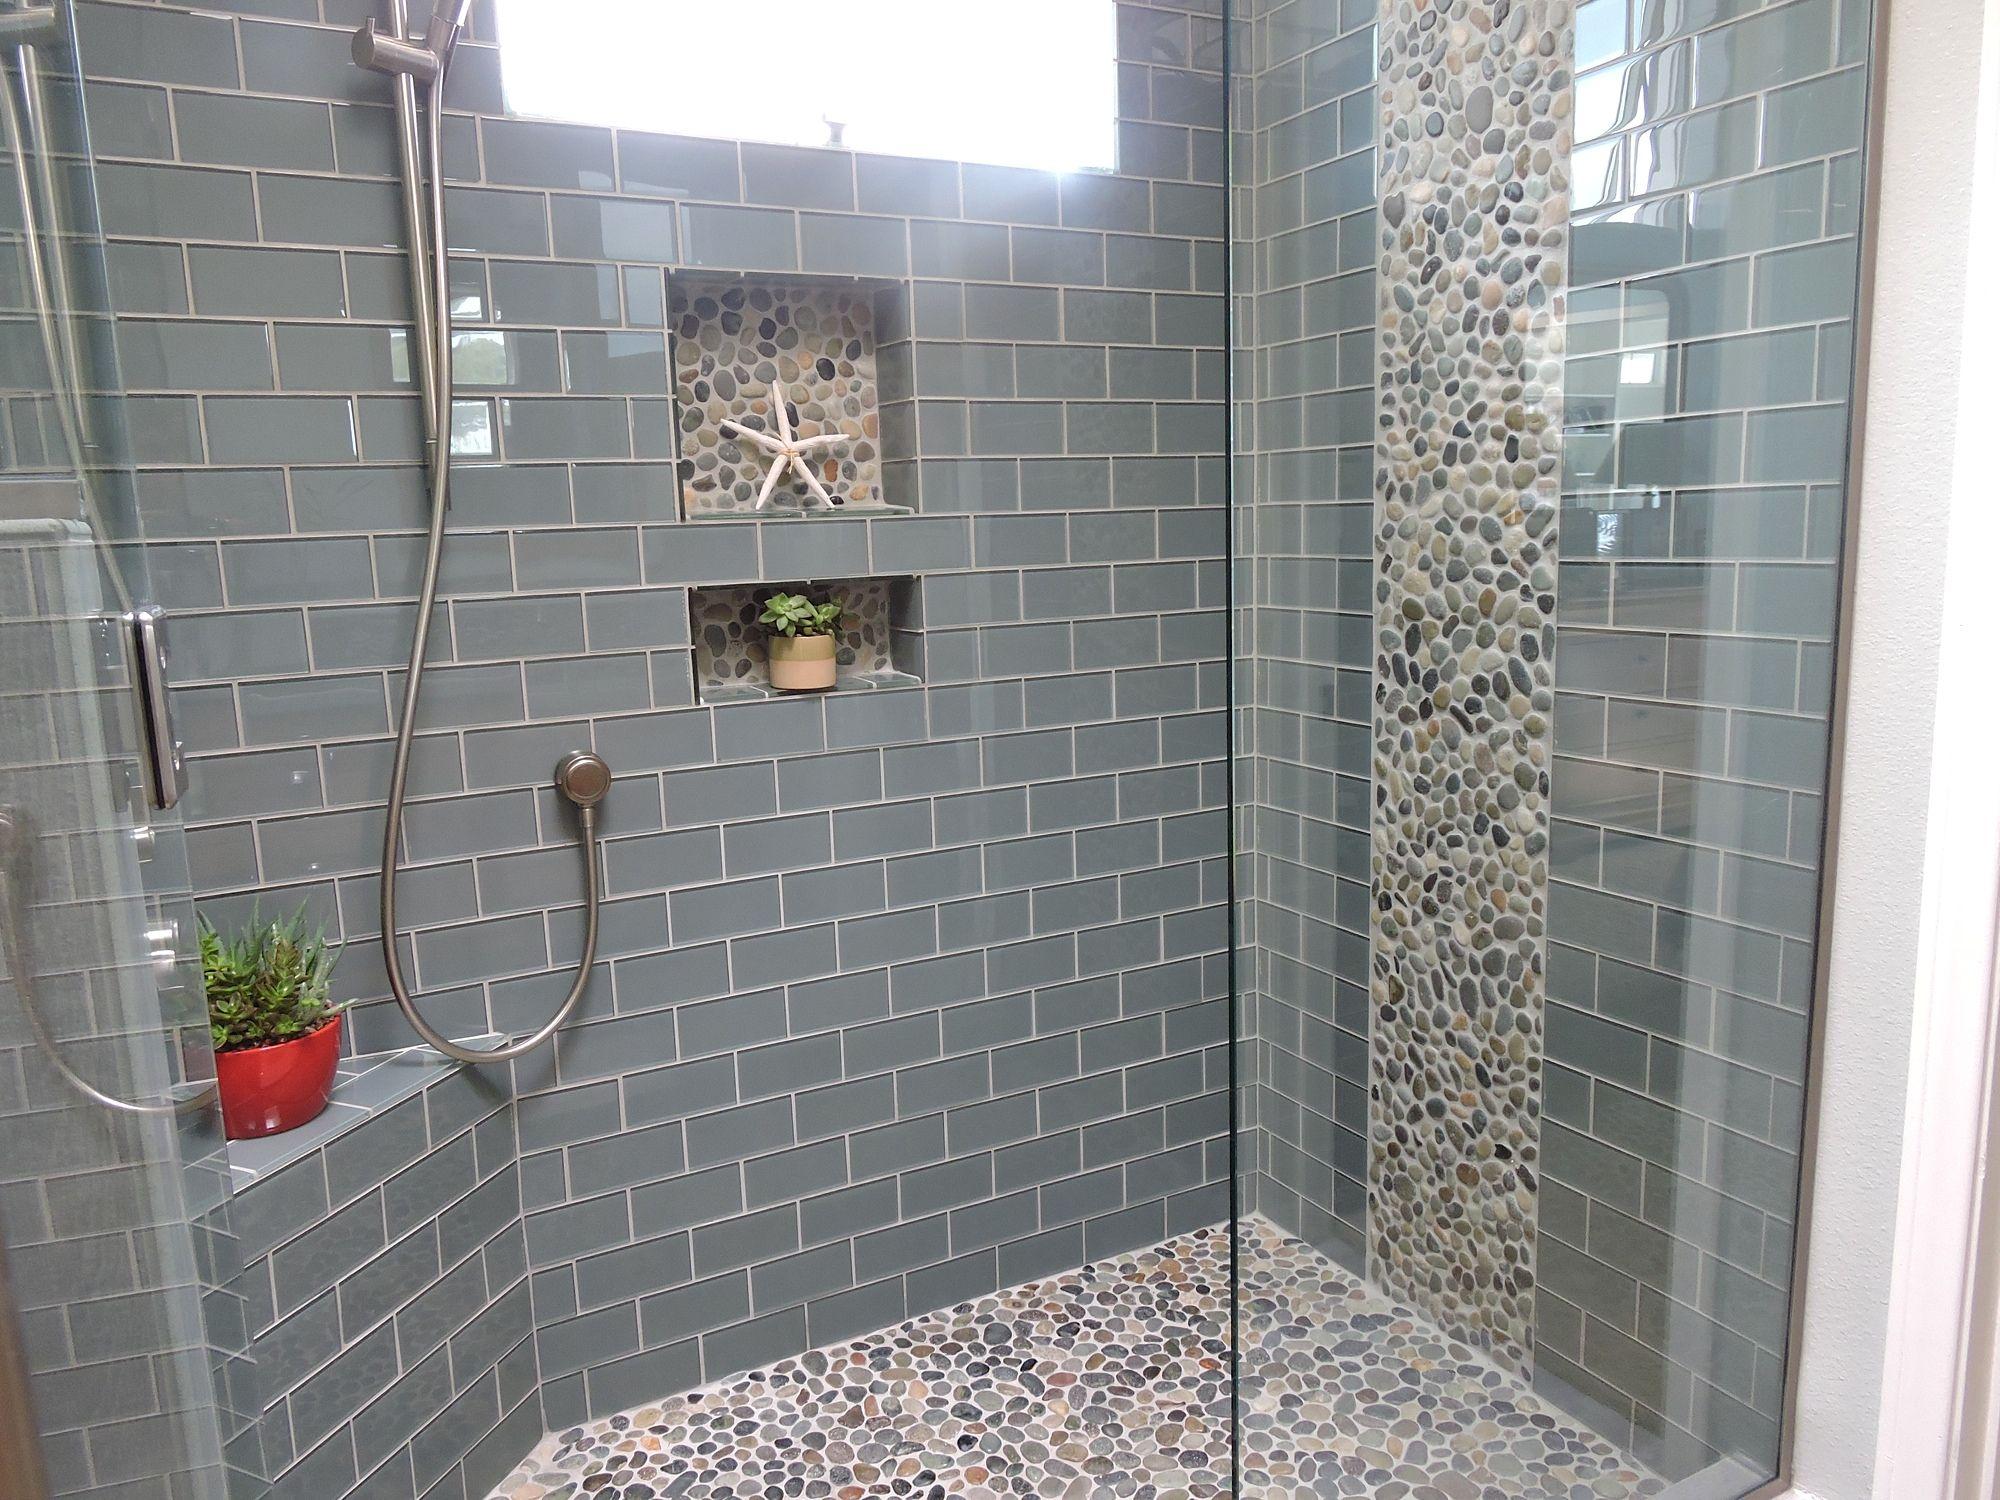 Ocean Glass Subway Tile | For the Home | Pinterest | Subway tile ...